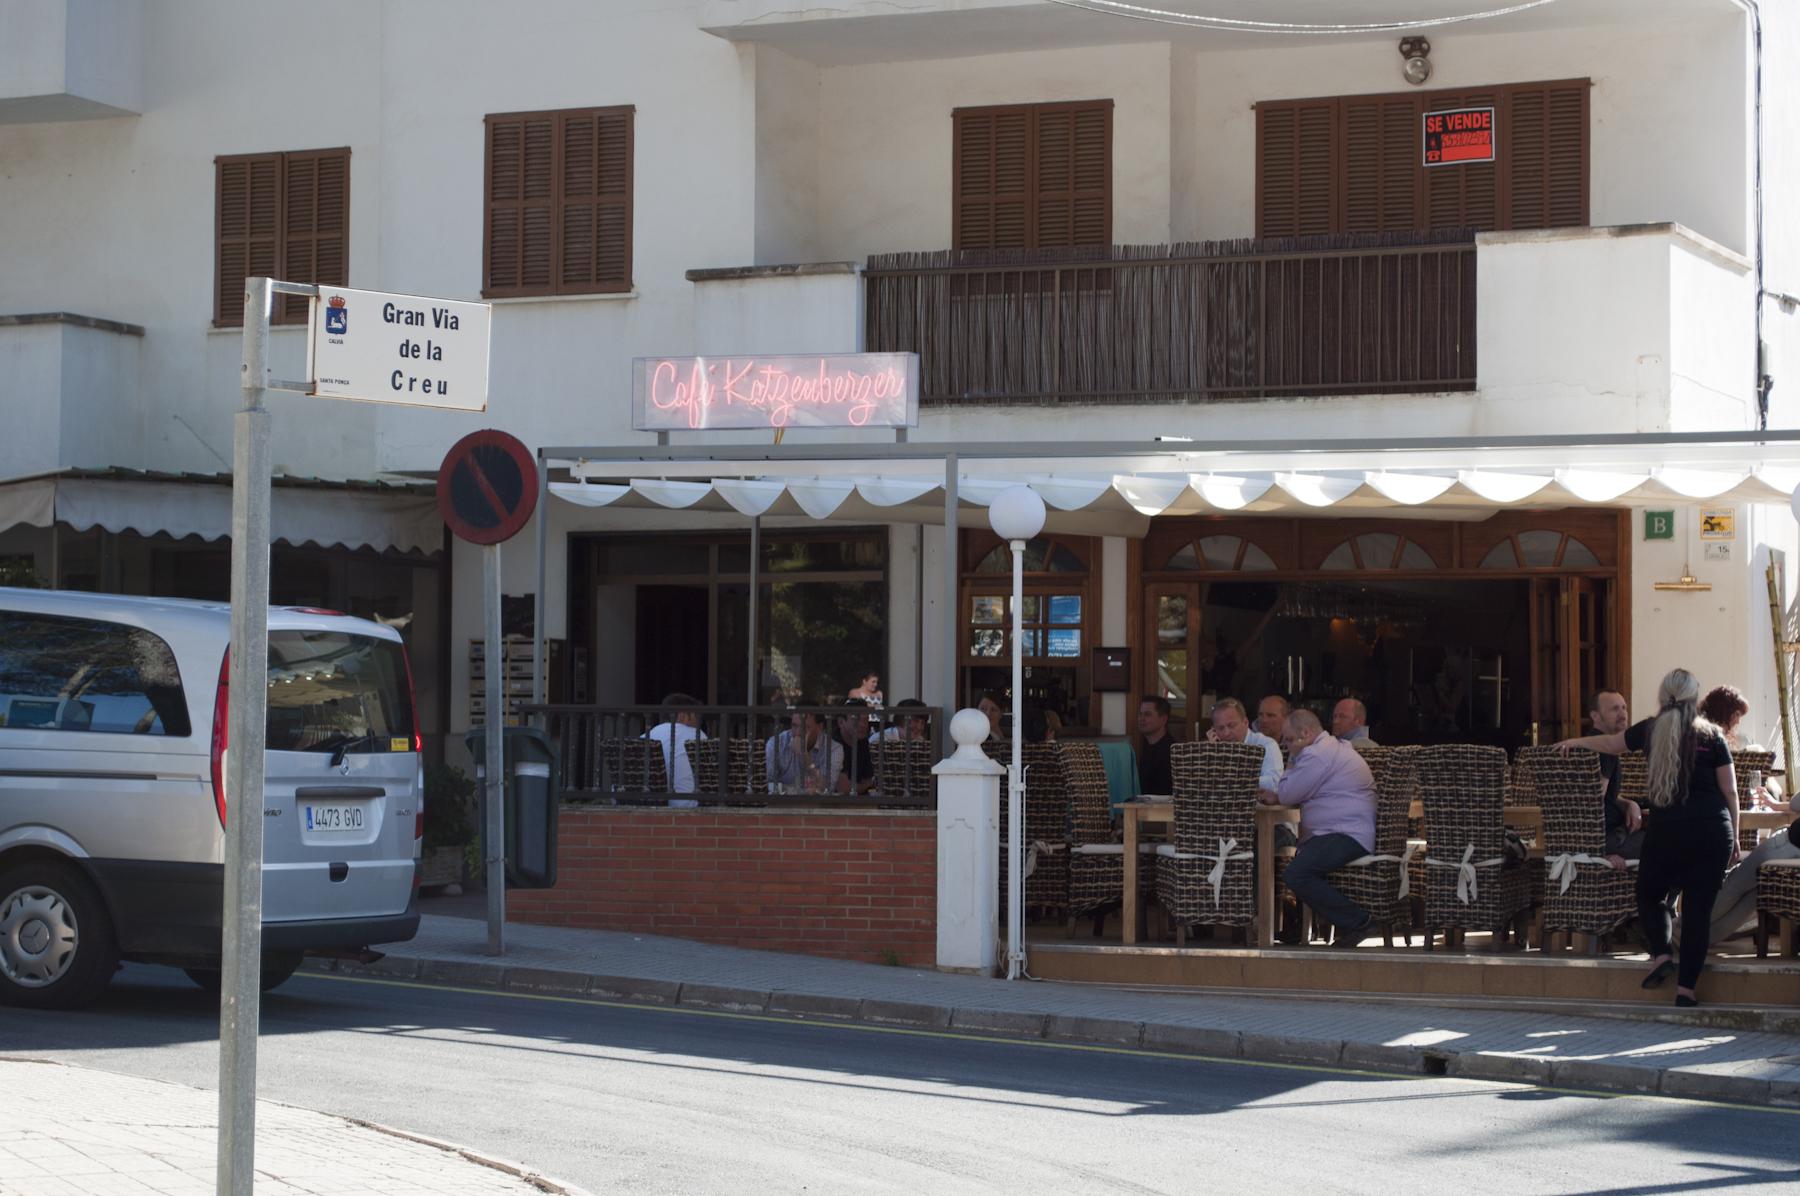 Café Katzenberger